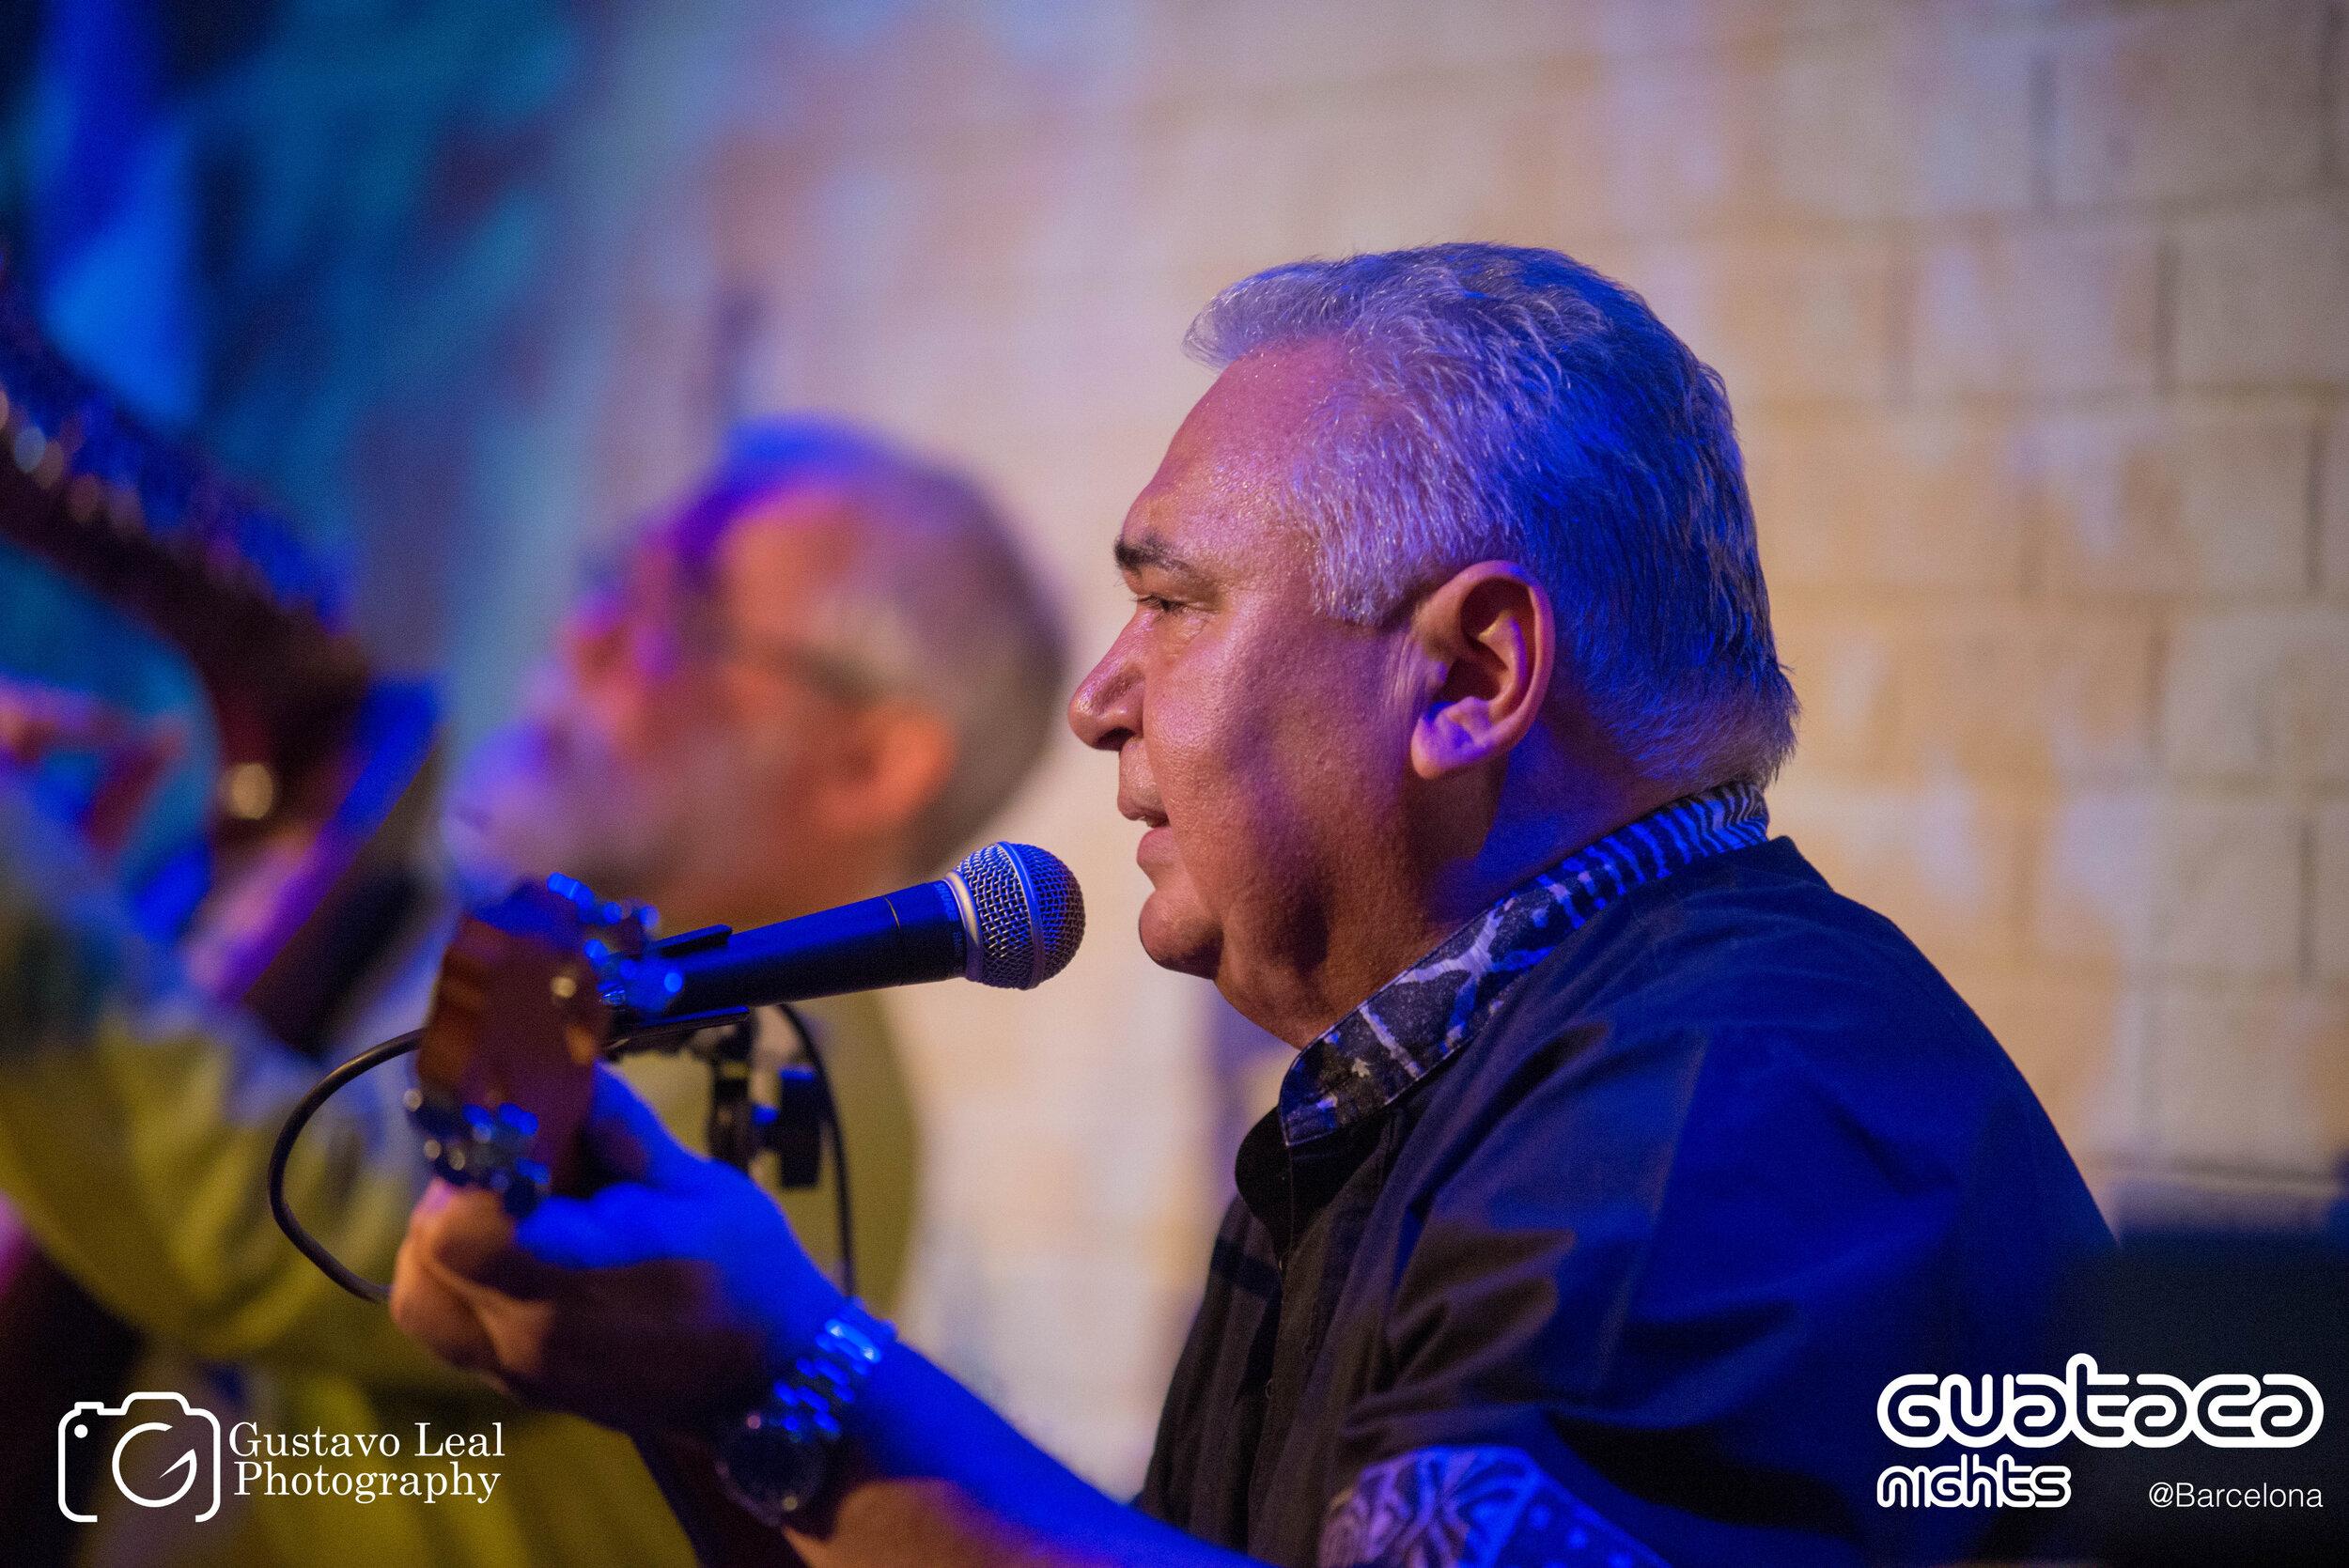 Hurtado en el concierto que Ensamble Gurrufío brindó en Guataca Nights Barcelona (2018). Foto: Archivo Guataca